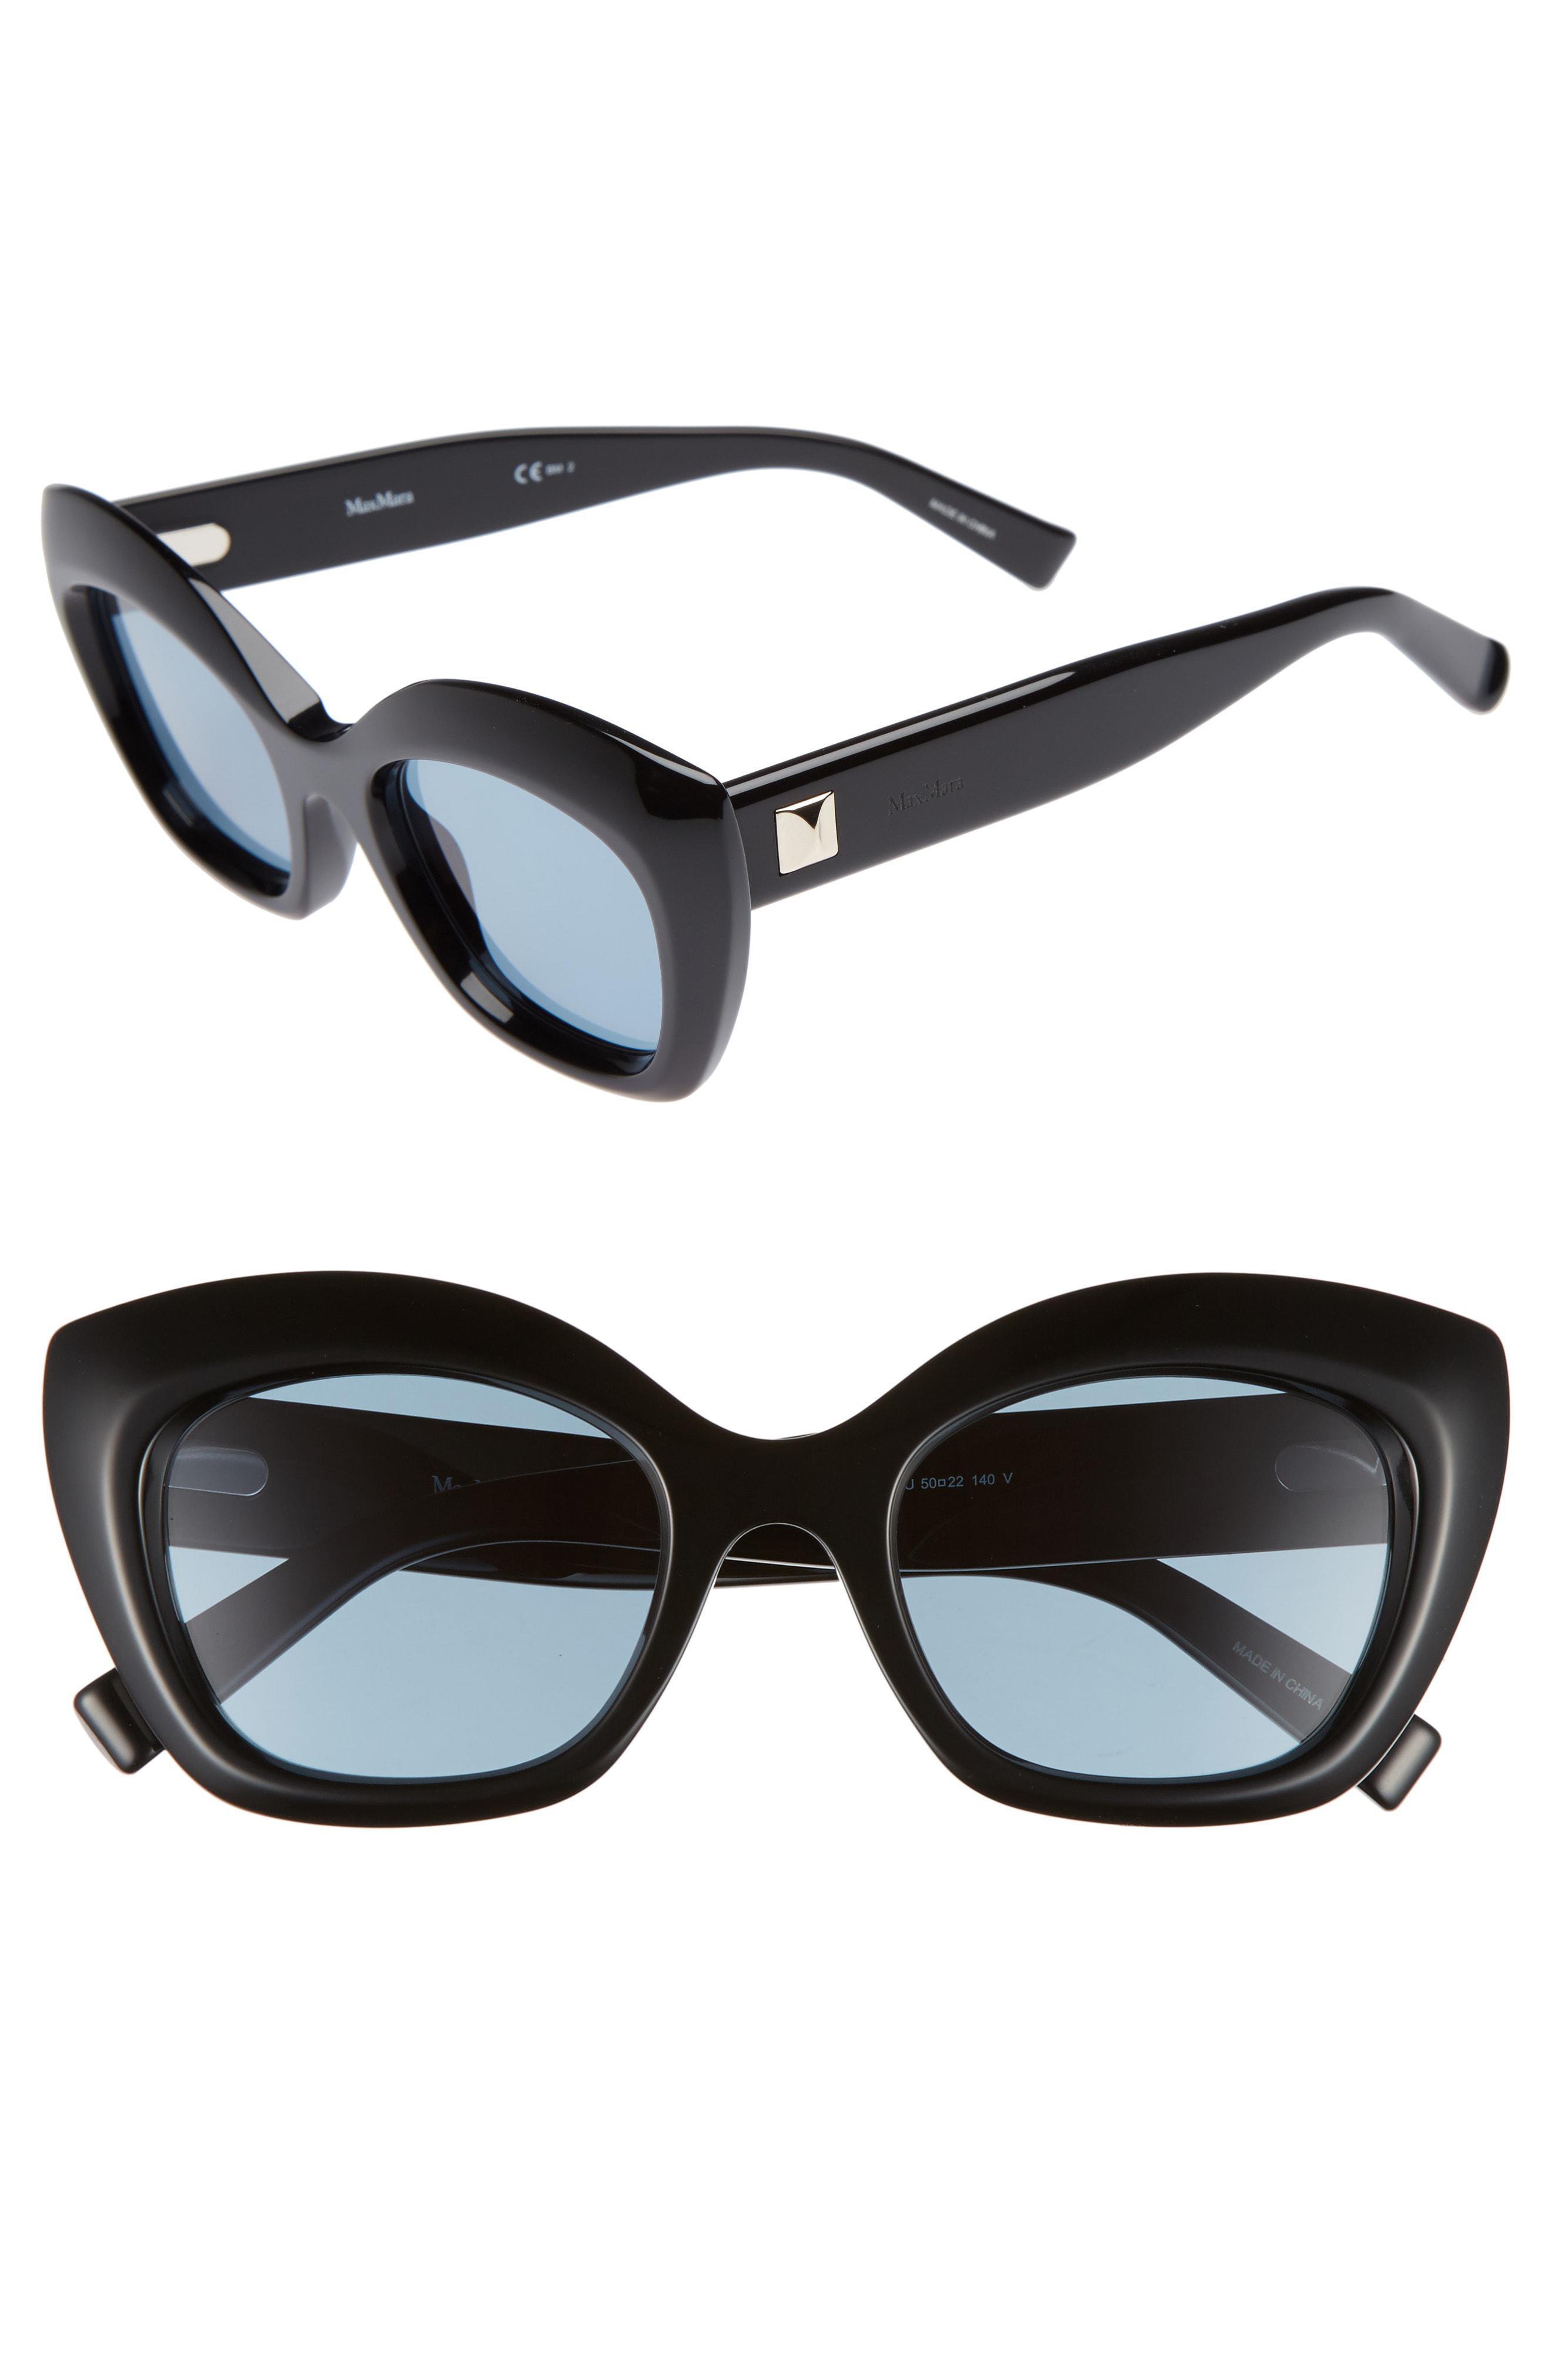 518c0de9877 Lyst - Max Mara Prism Vii 50mm Gradient Cat Eye Sunglasses in Black